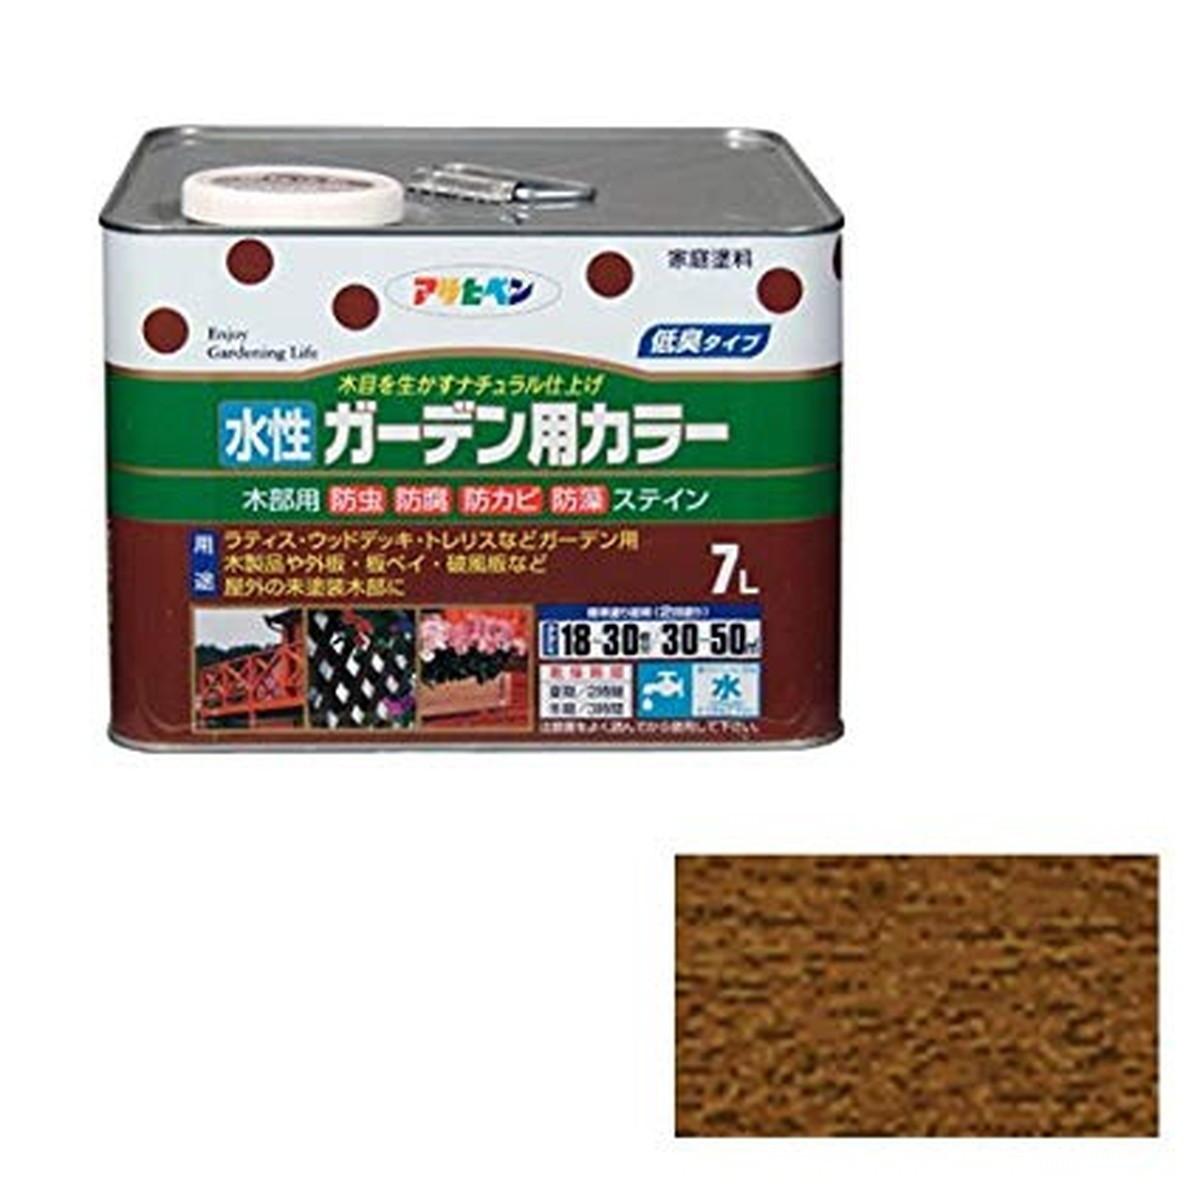 アサヒペン 水性ガーデン用カラー ウォルナット 7L【クーポン配布中】